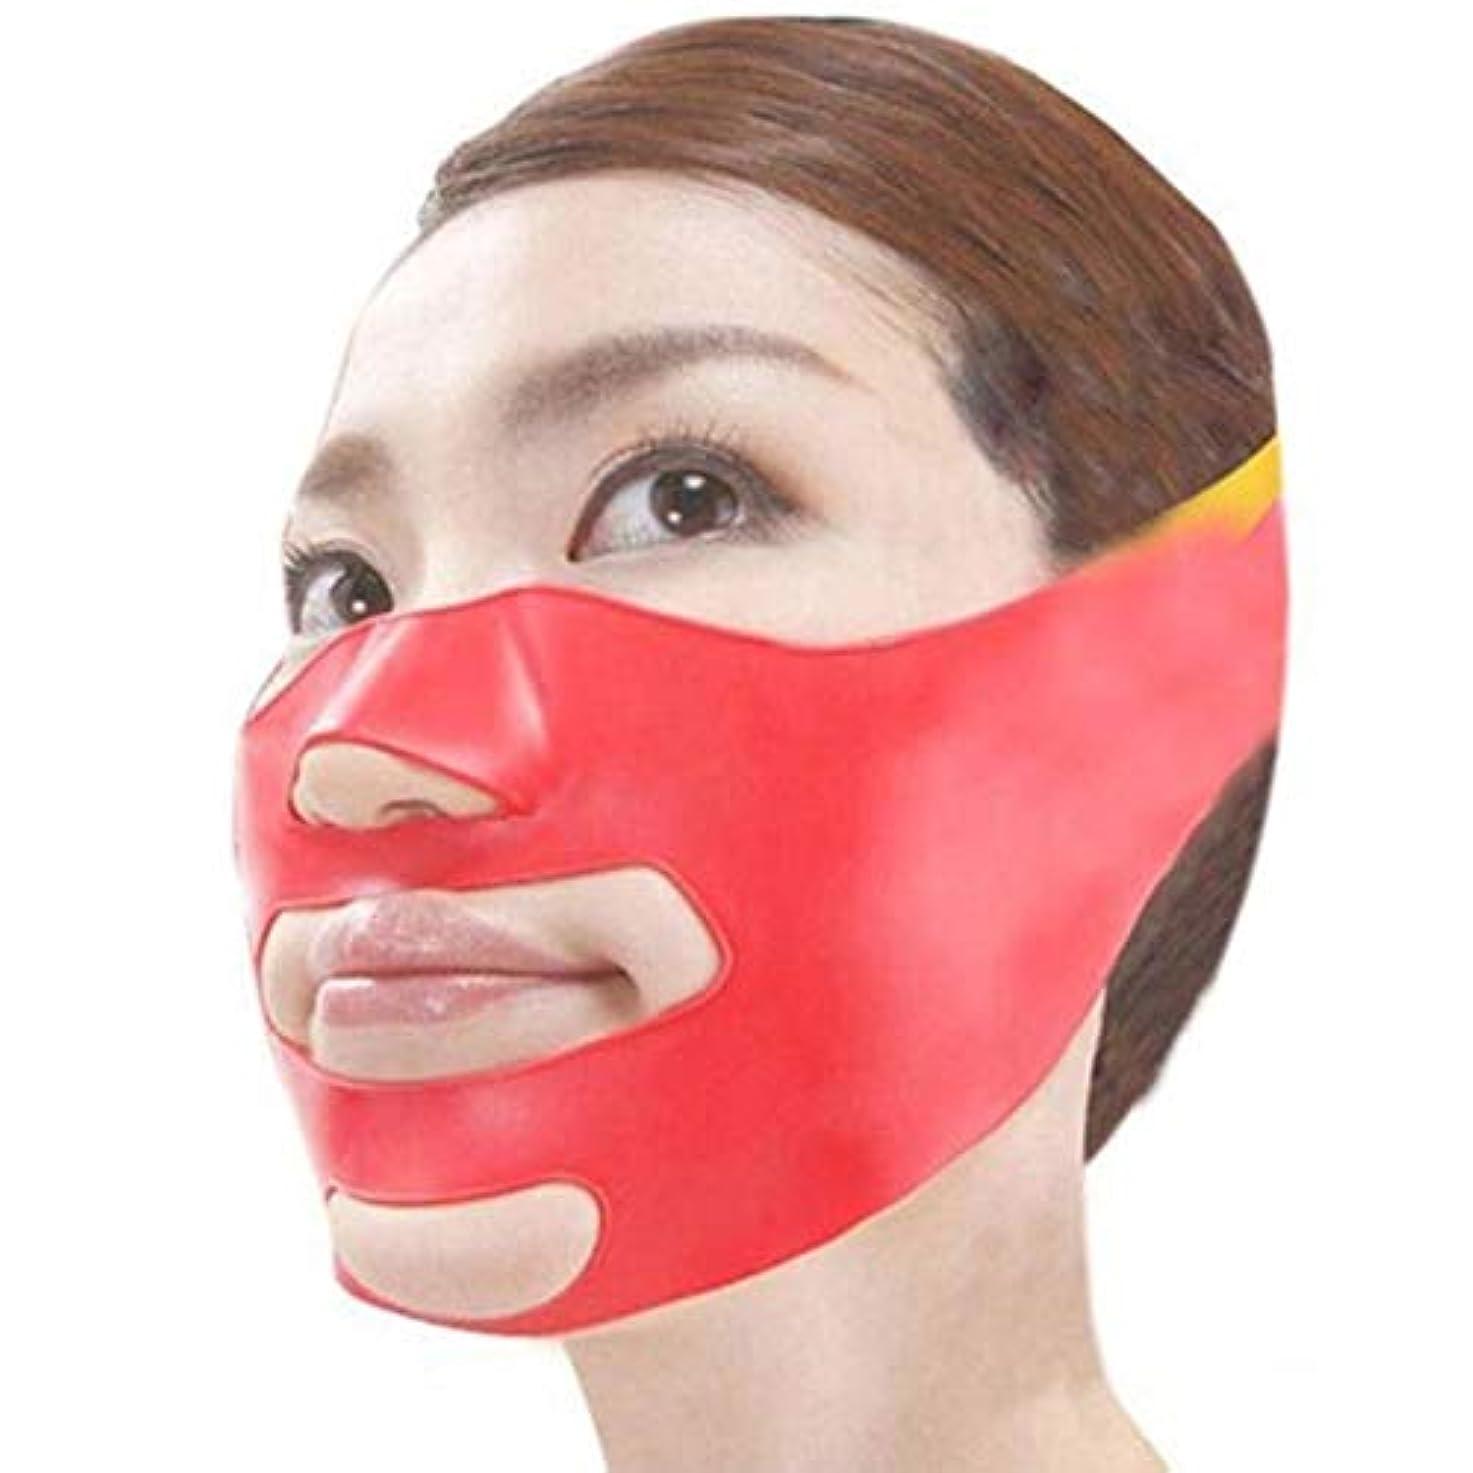 放射する乏しいよりシリコーンフェイススリミングマスクフェイスチンリフトバンドスキンケアリフティングラップVシェイプダブルチンタイトベルト(Color:red)